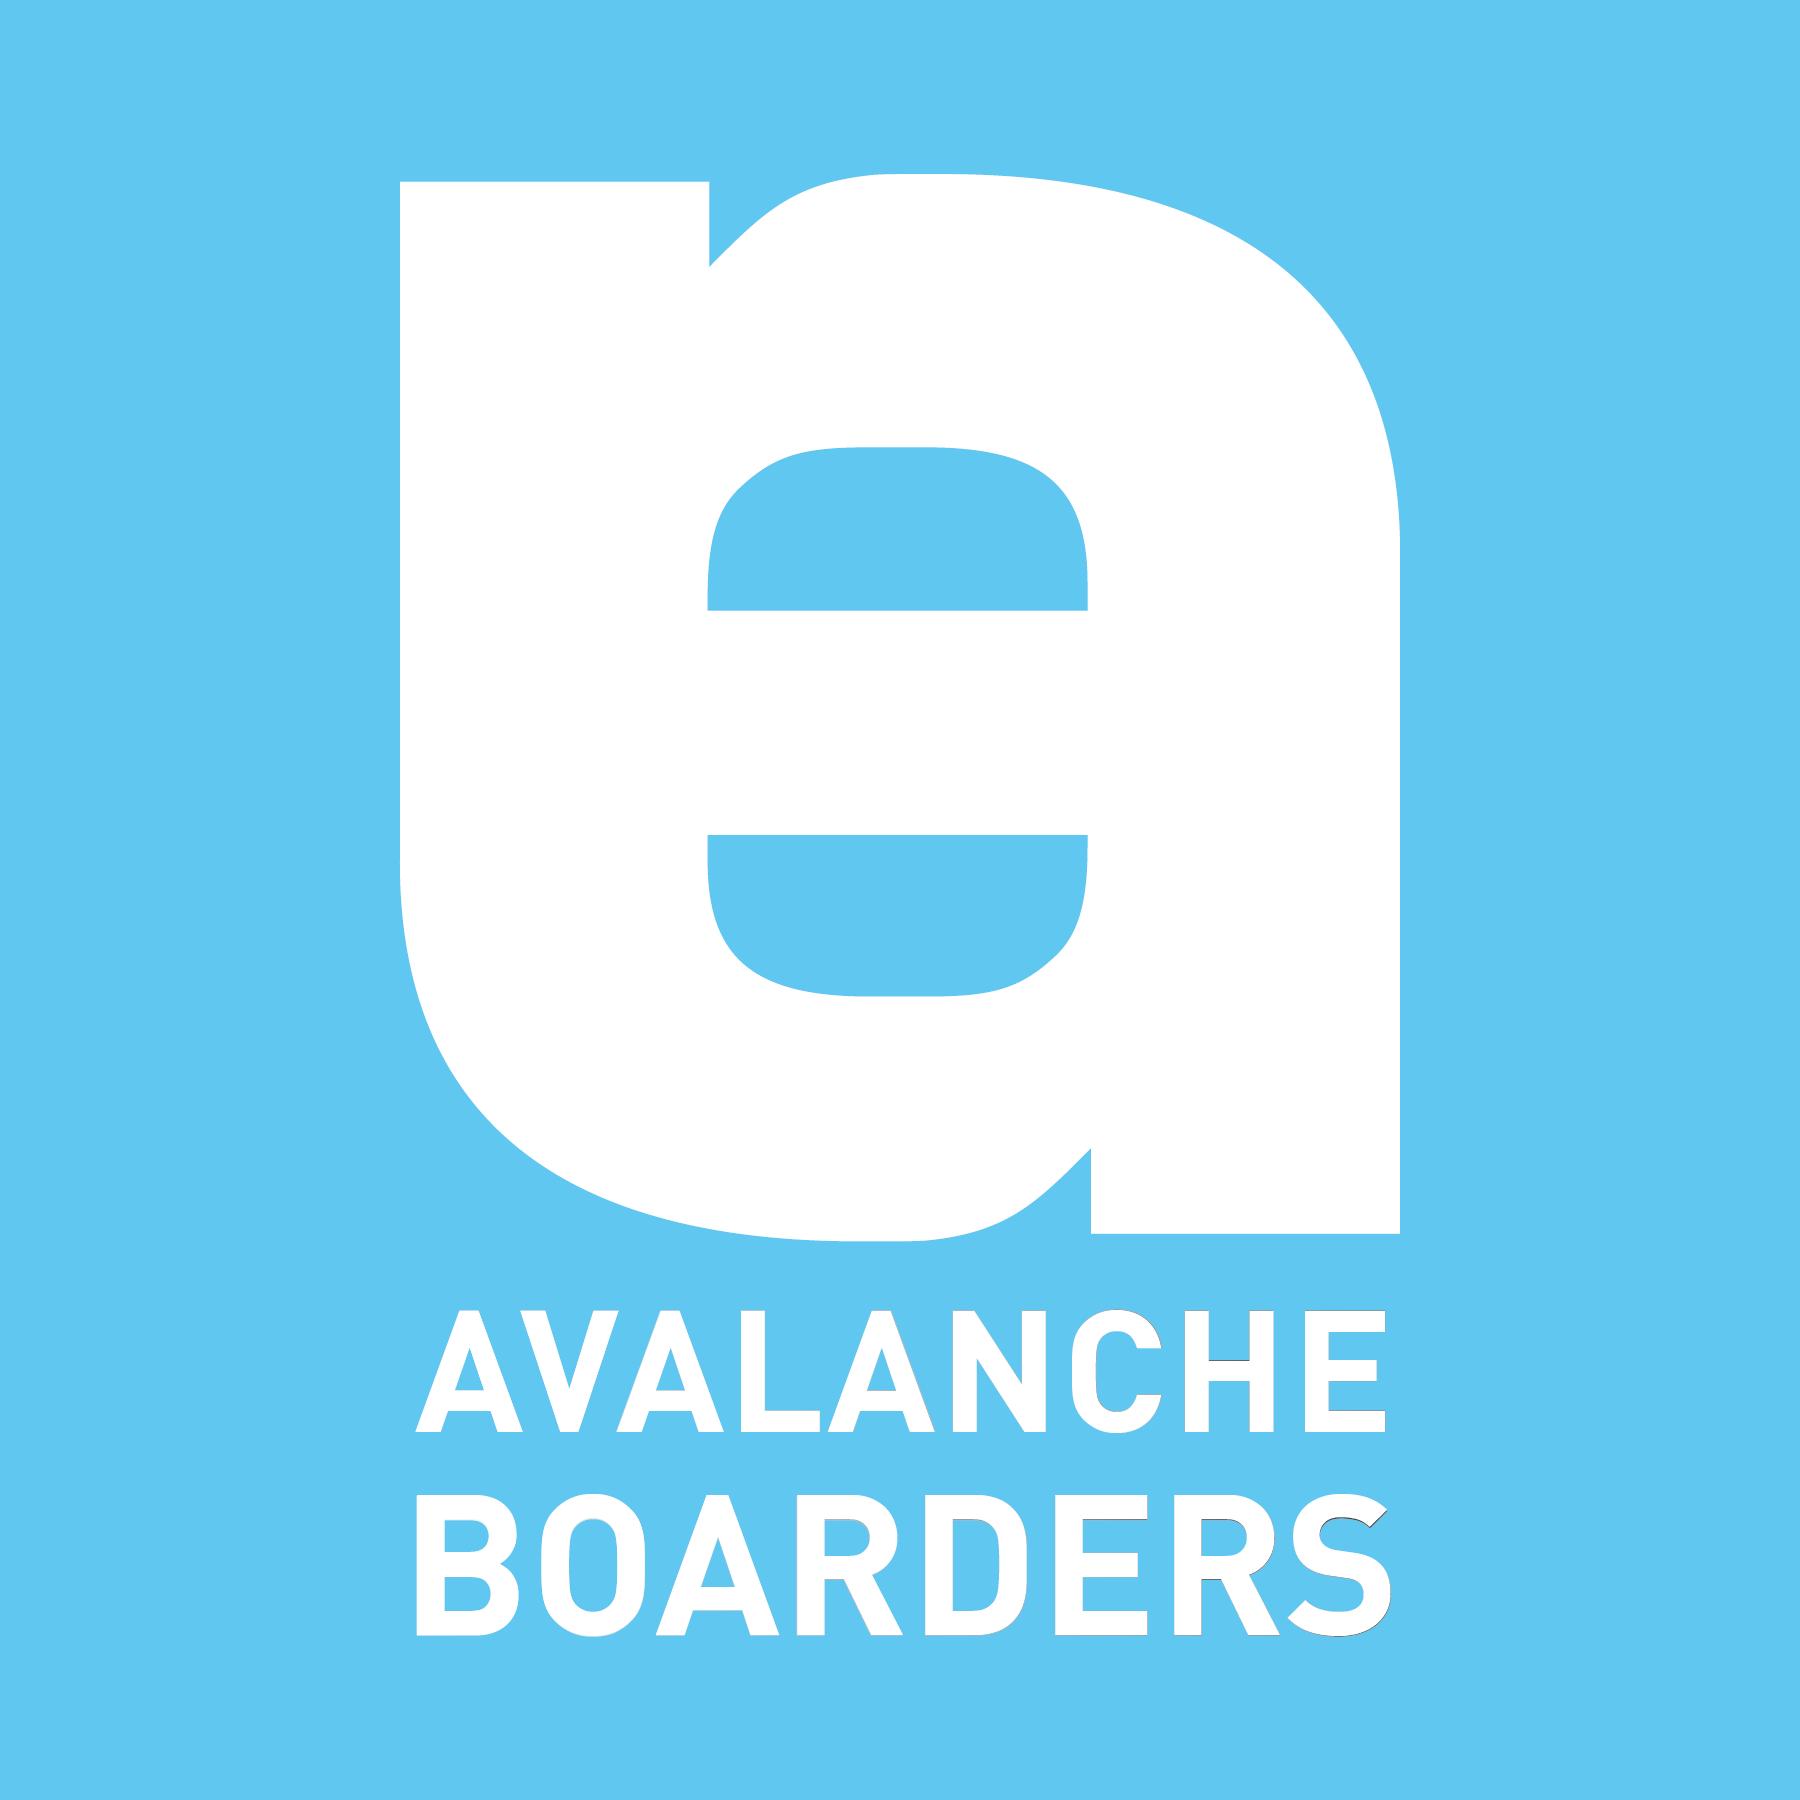 E.S.S.V. Avalanche Boarders